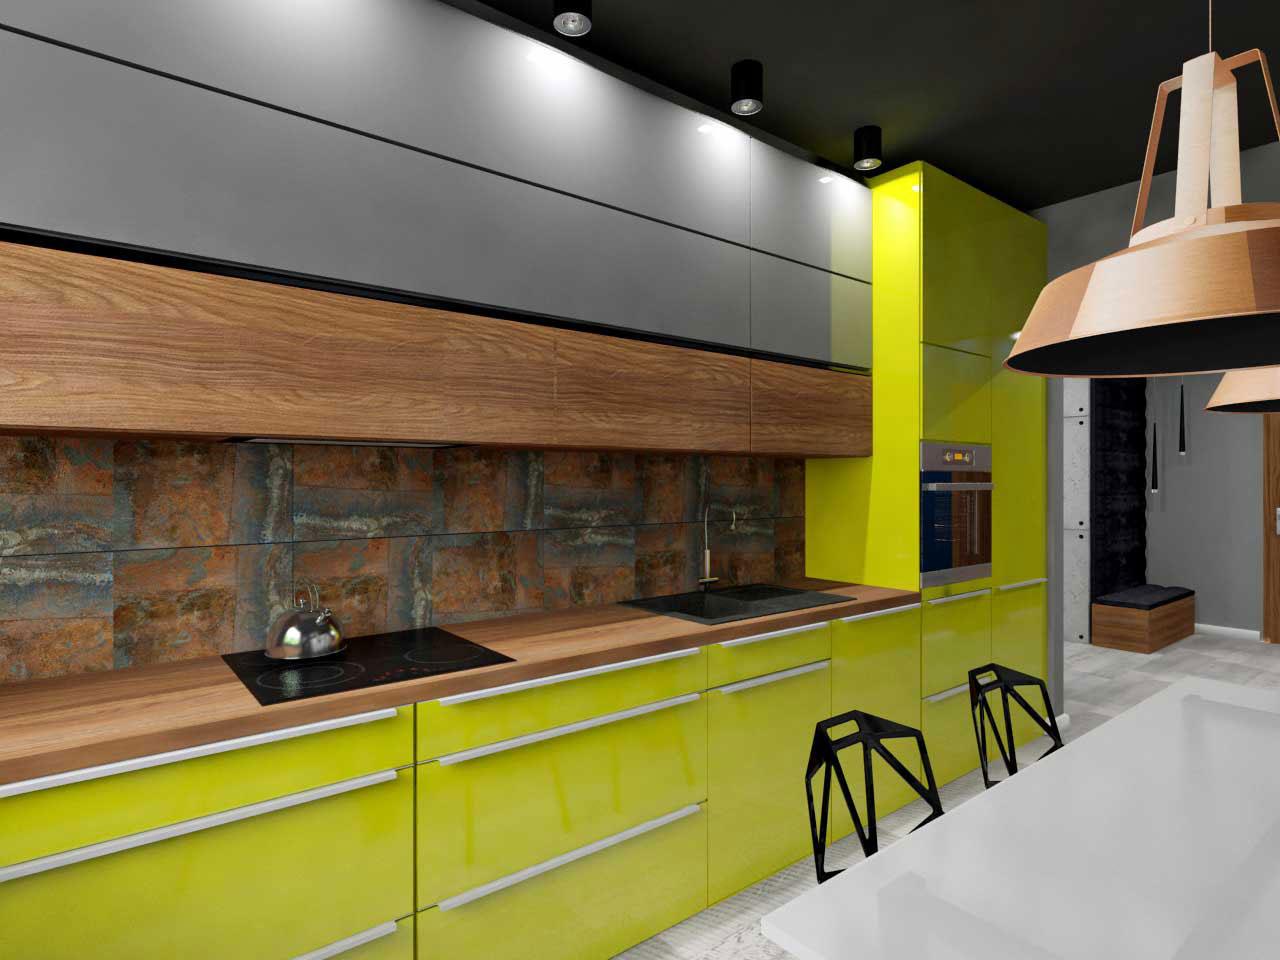 Kuchnia w odcieniu szarości z akcentem koloru drewna  Mobiliani Bydgoszcz